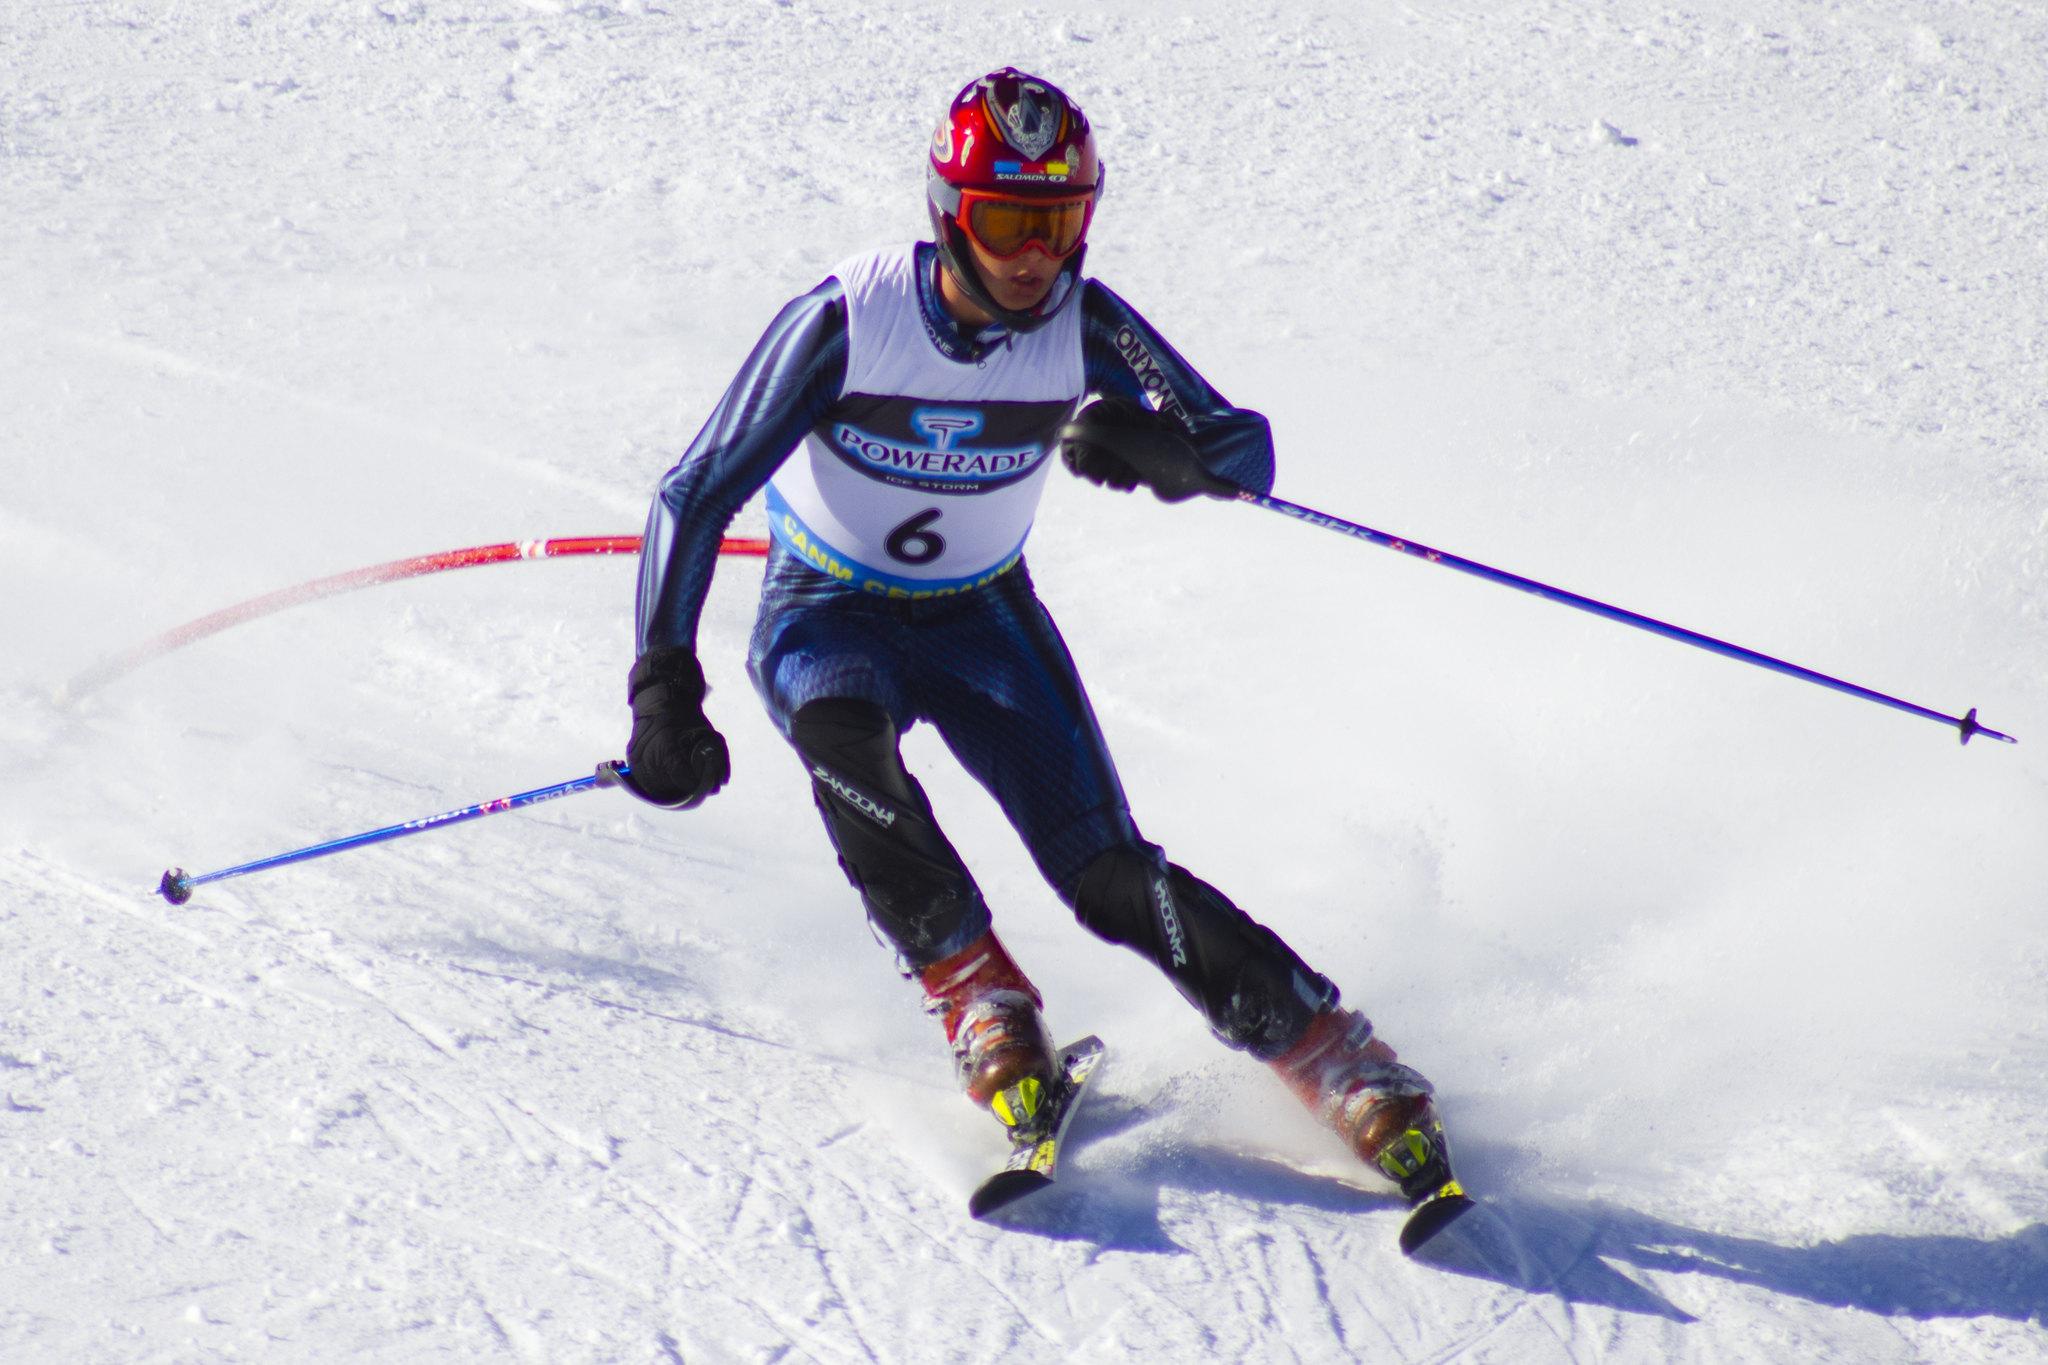 全国高校選抜スキー大会2020結果速報・アルペン日程